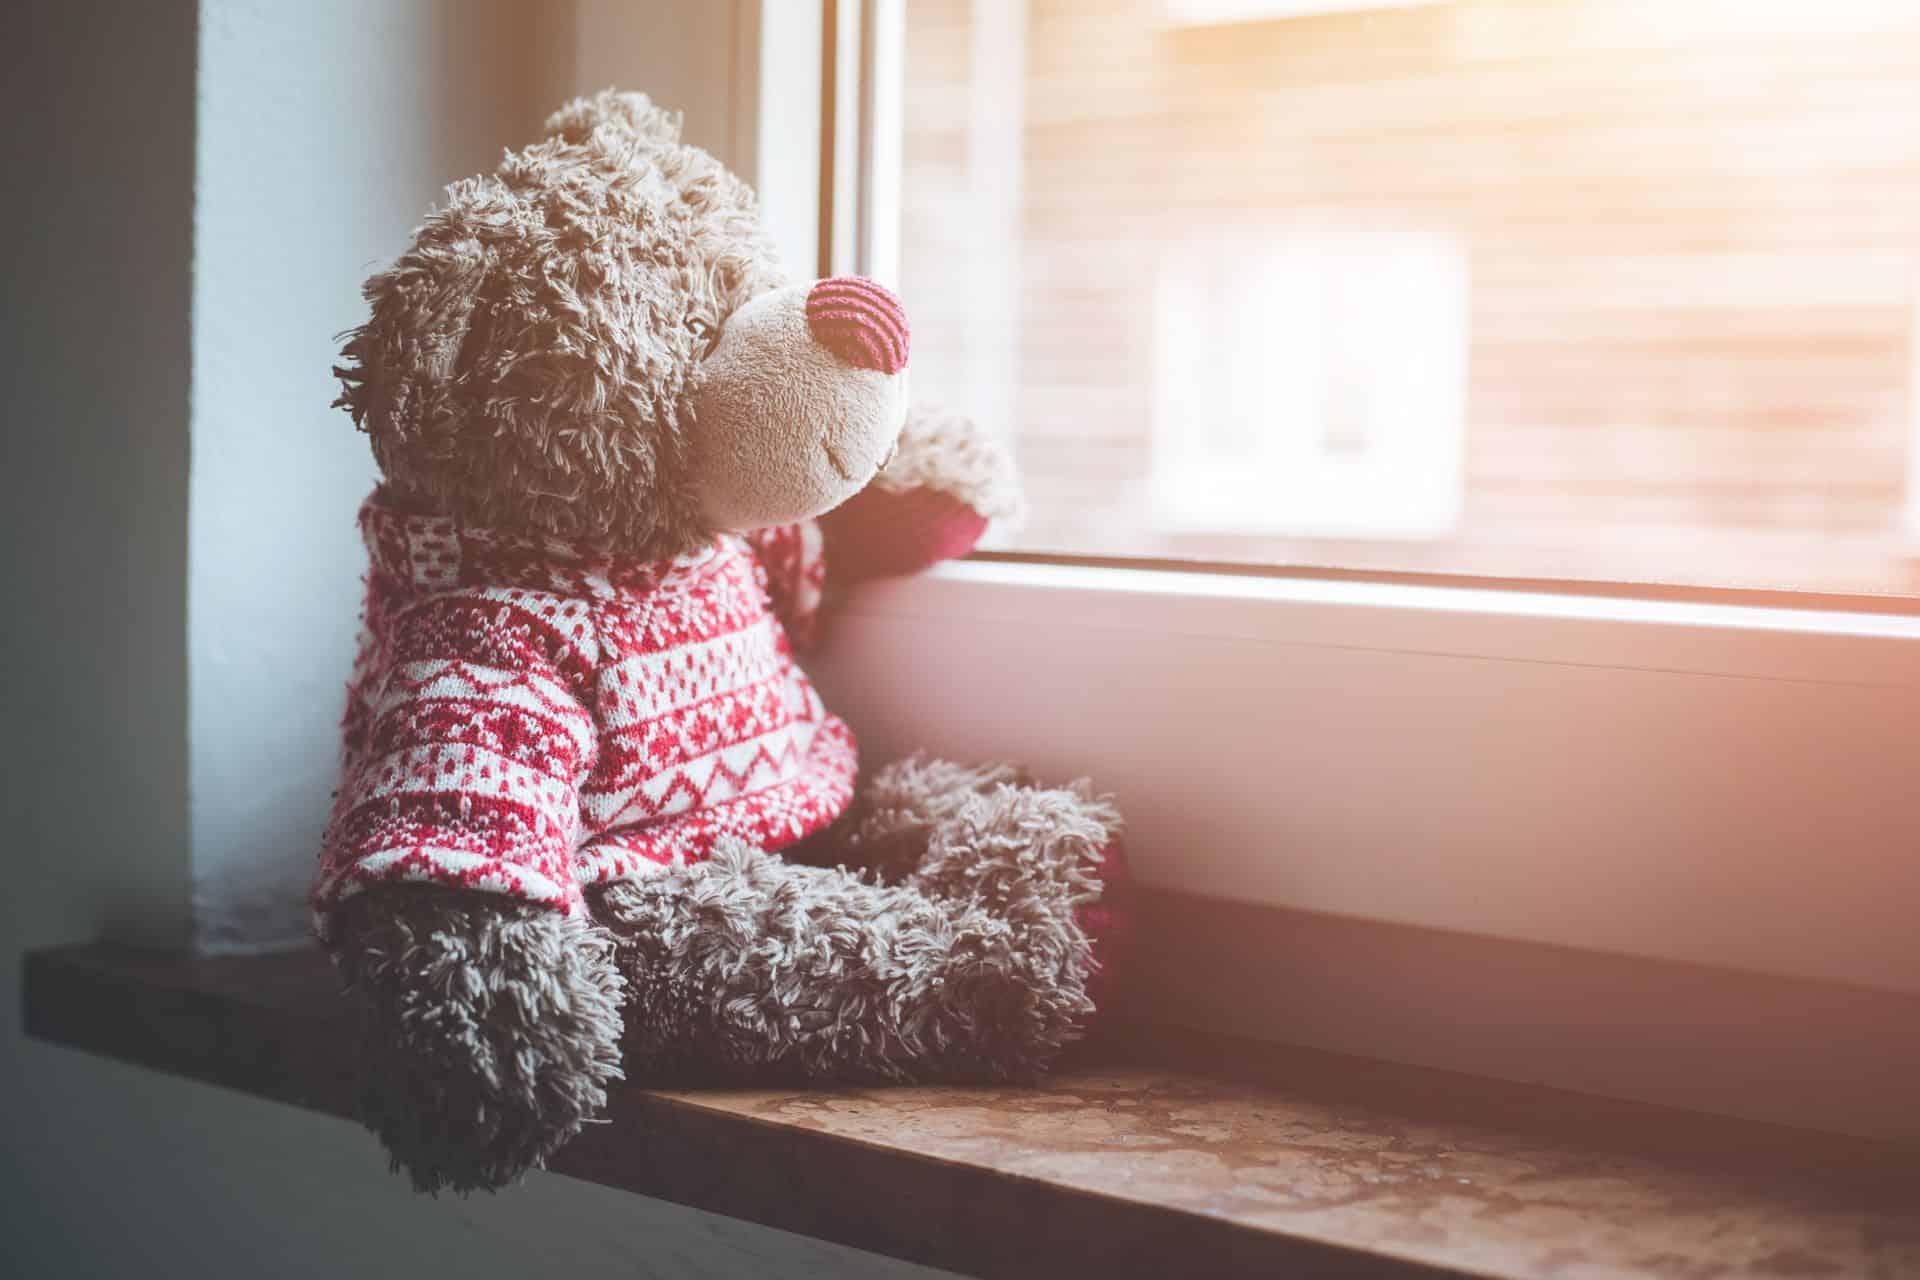 Kan een knuffelbeer gevaarlijk zijn voor mijn kind?